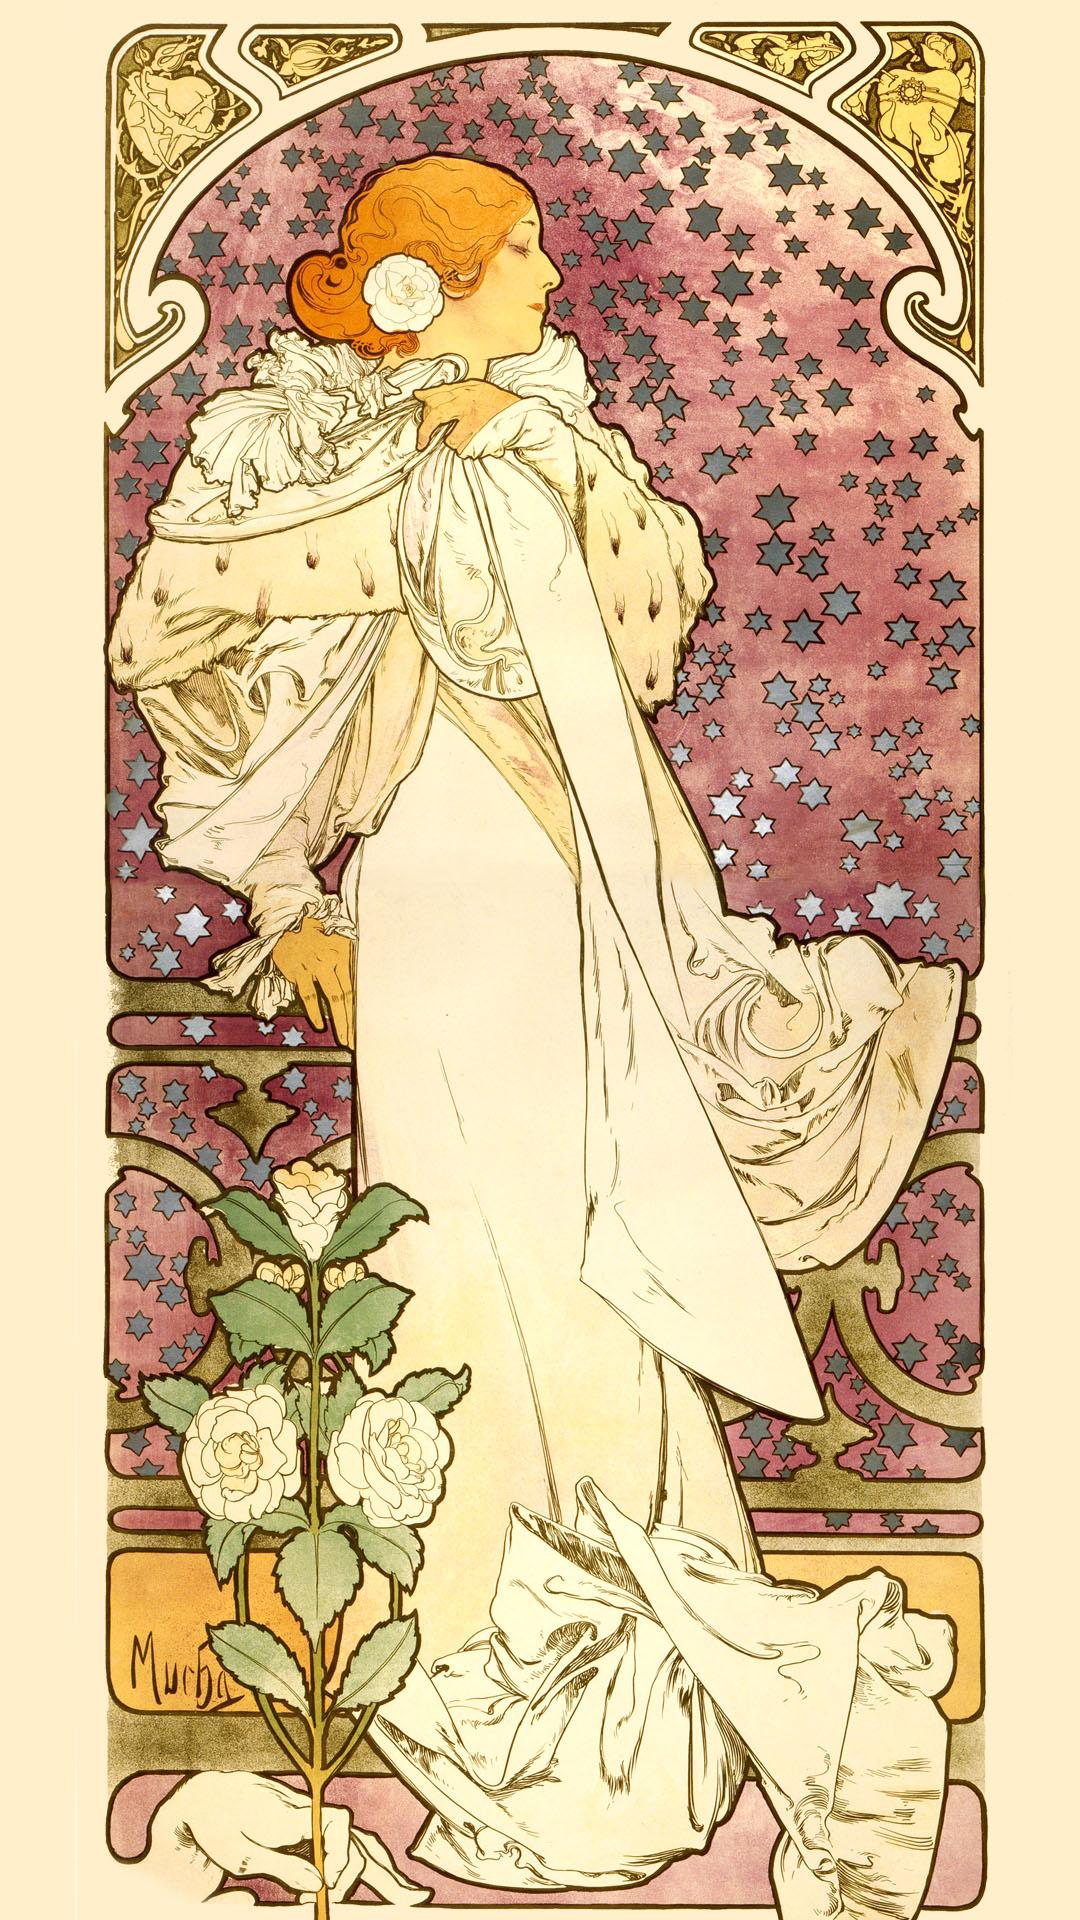 Alfons Mucha - La Dame aux Camélias 1080x1920 2